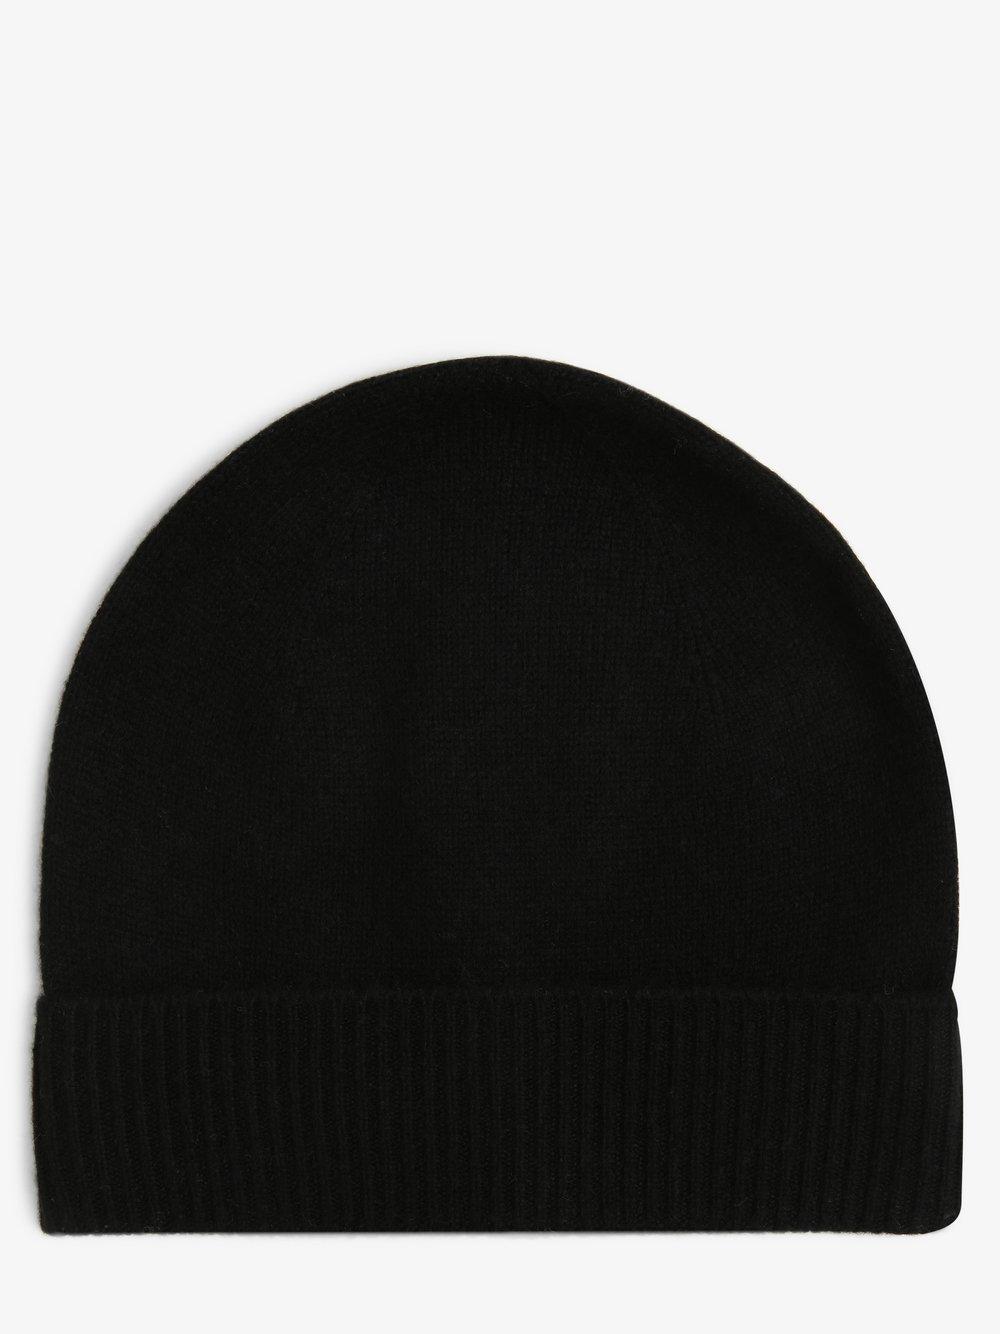 Apriori - Damska czapka z czystego kaszmiru, czarny